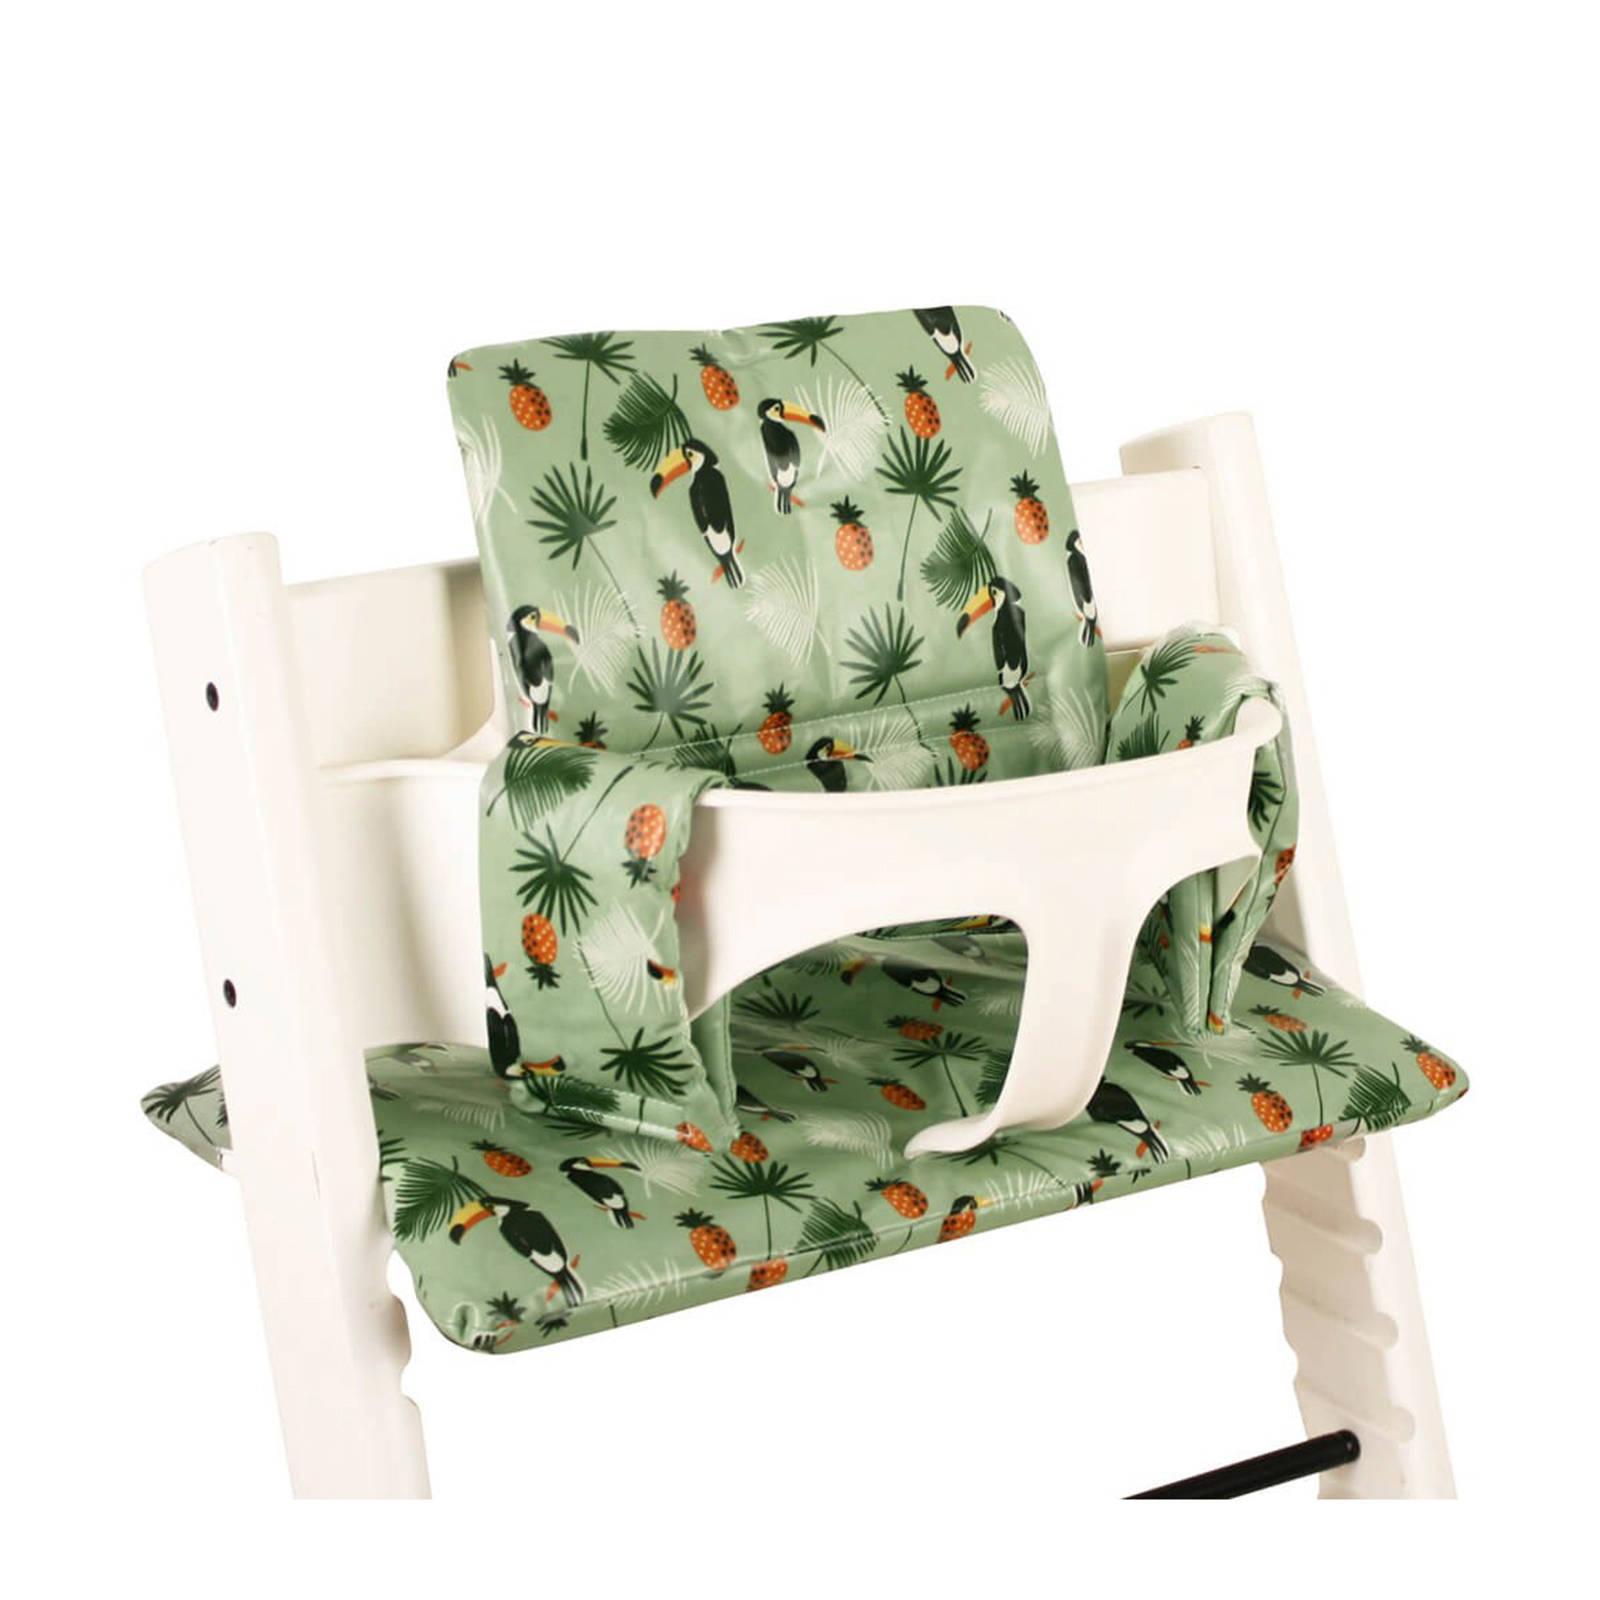 geplastificeerde kussenset voor kinderstoel Stokke Tripp Trapp toekanprint groen